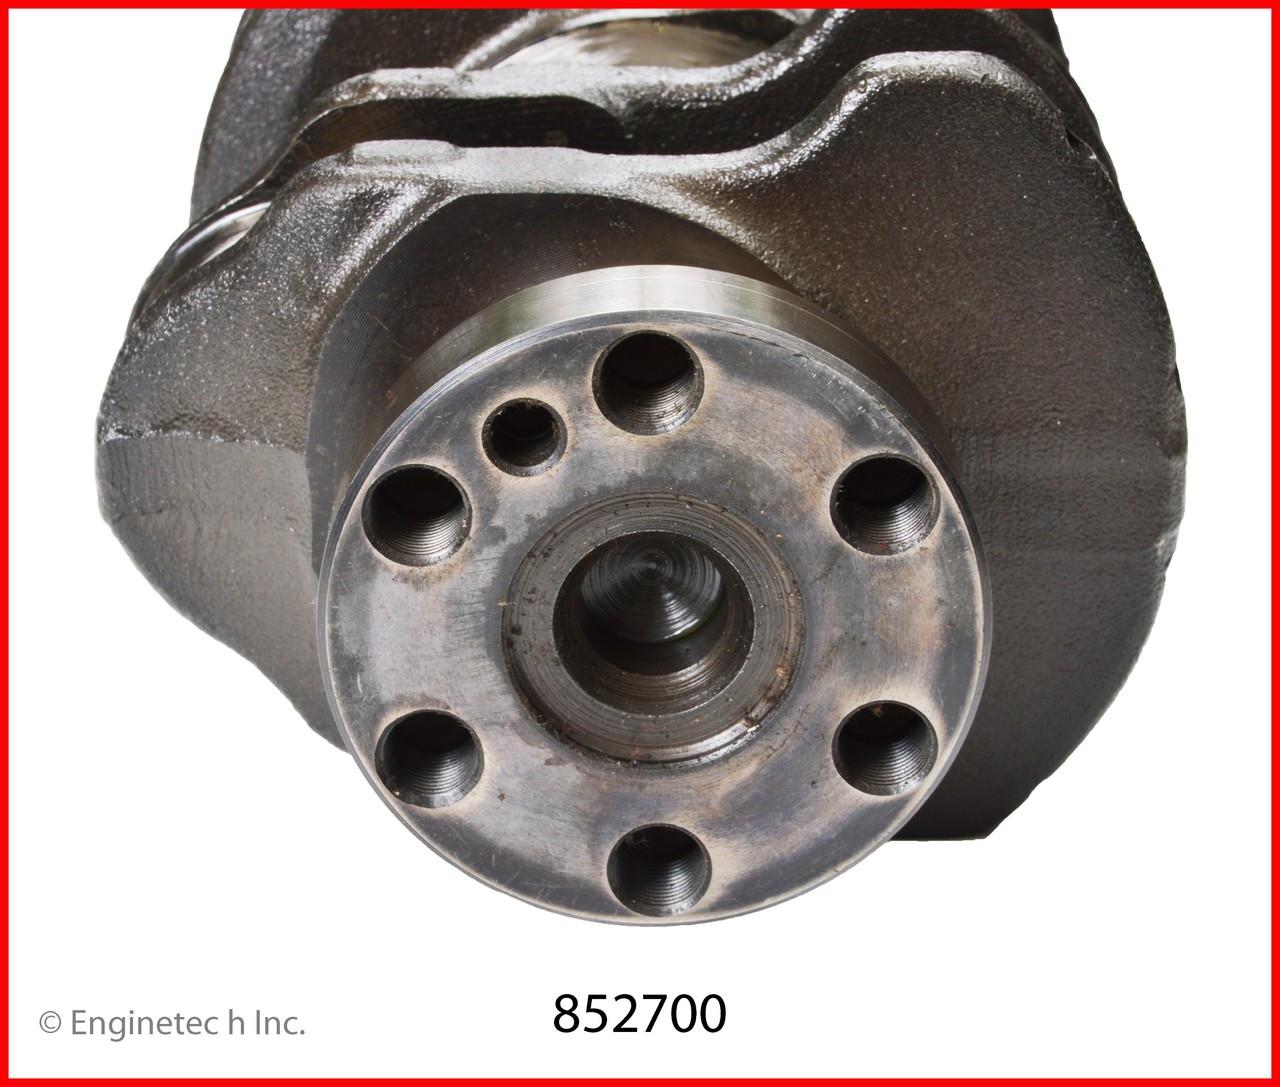 2000 Honda Civic 1.6L Engine Crankshaft Kit 852700.P33